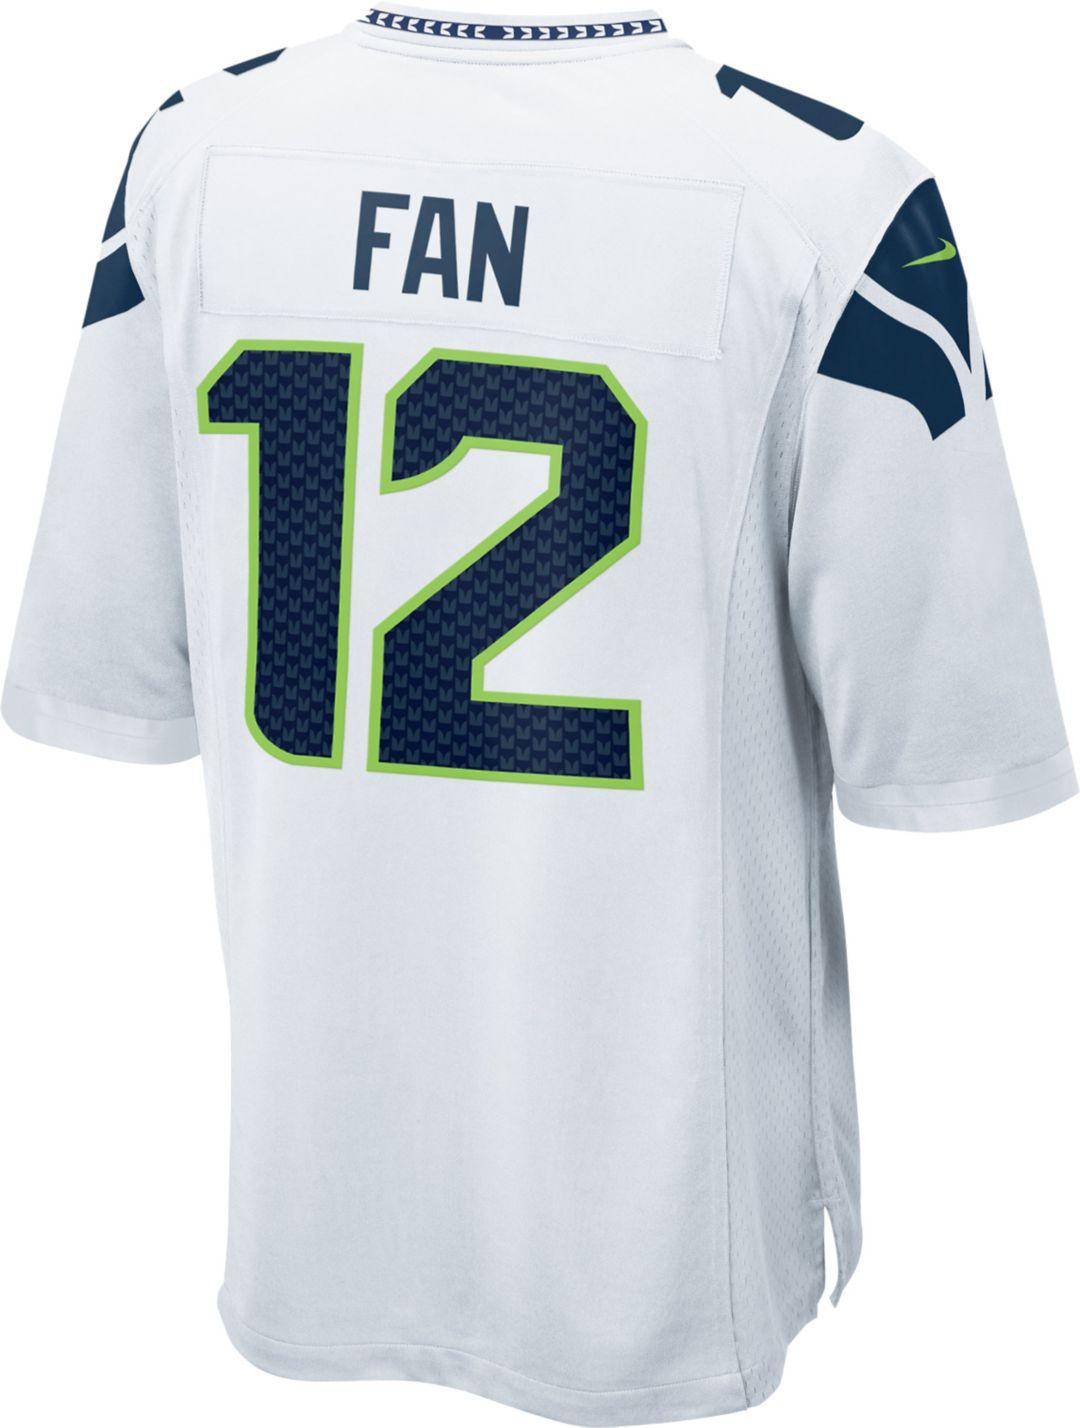 best loved d4d4b 20c4b Nike Men's Seattle Seahawks Fan #12 Away Game Jersey